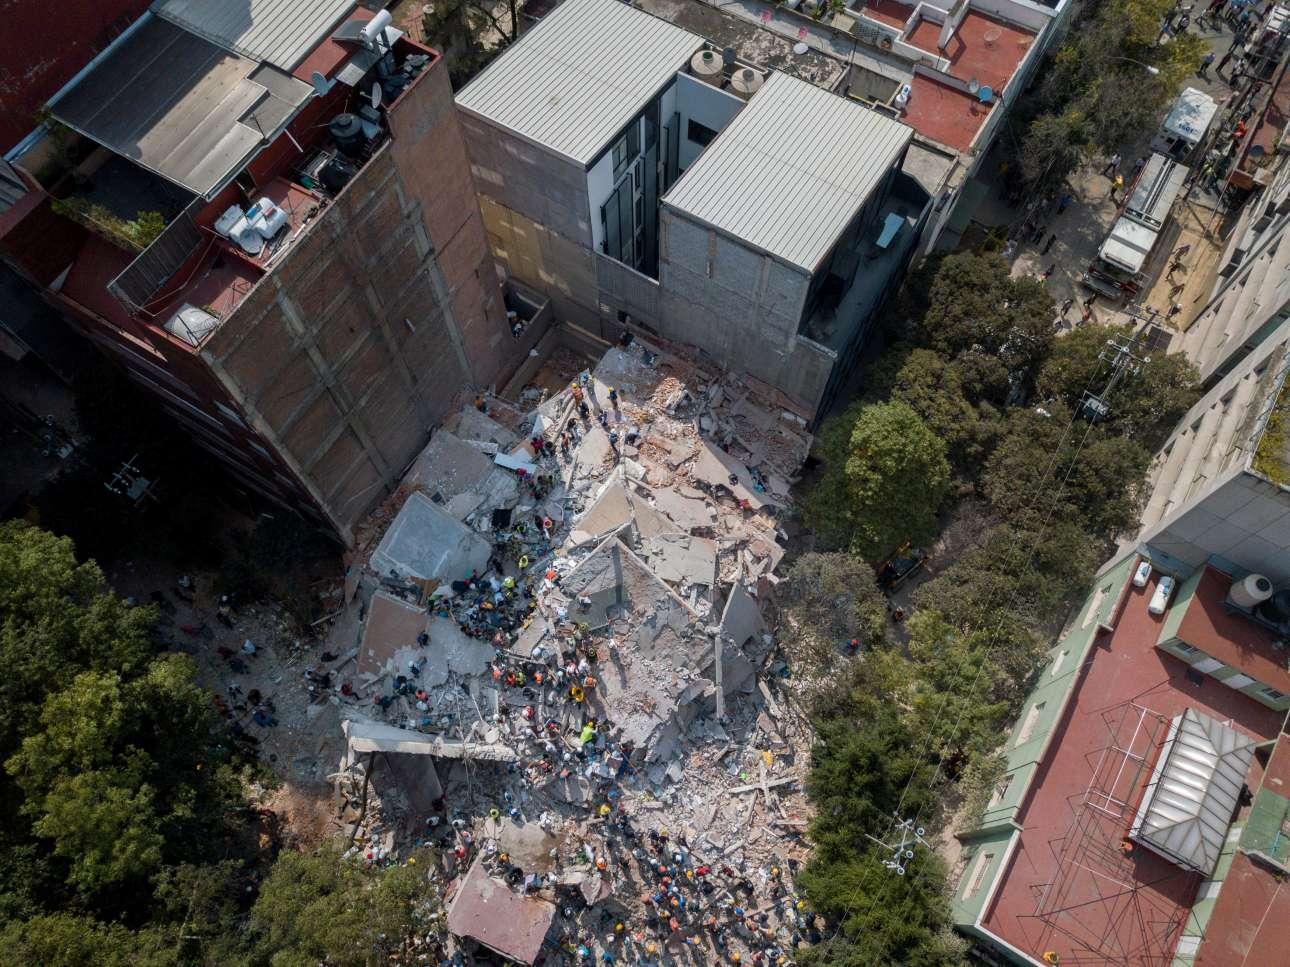 Ενα από τα αμέτρητα κτίρια που κατέρρευσαν μετά το χτύπημα του Εγκέλαδου